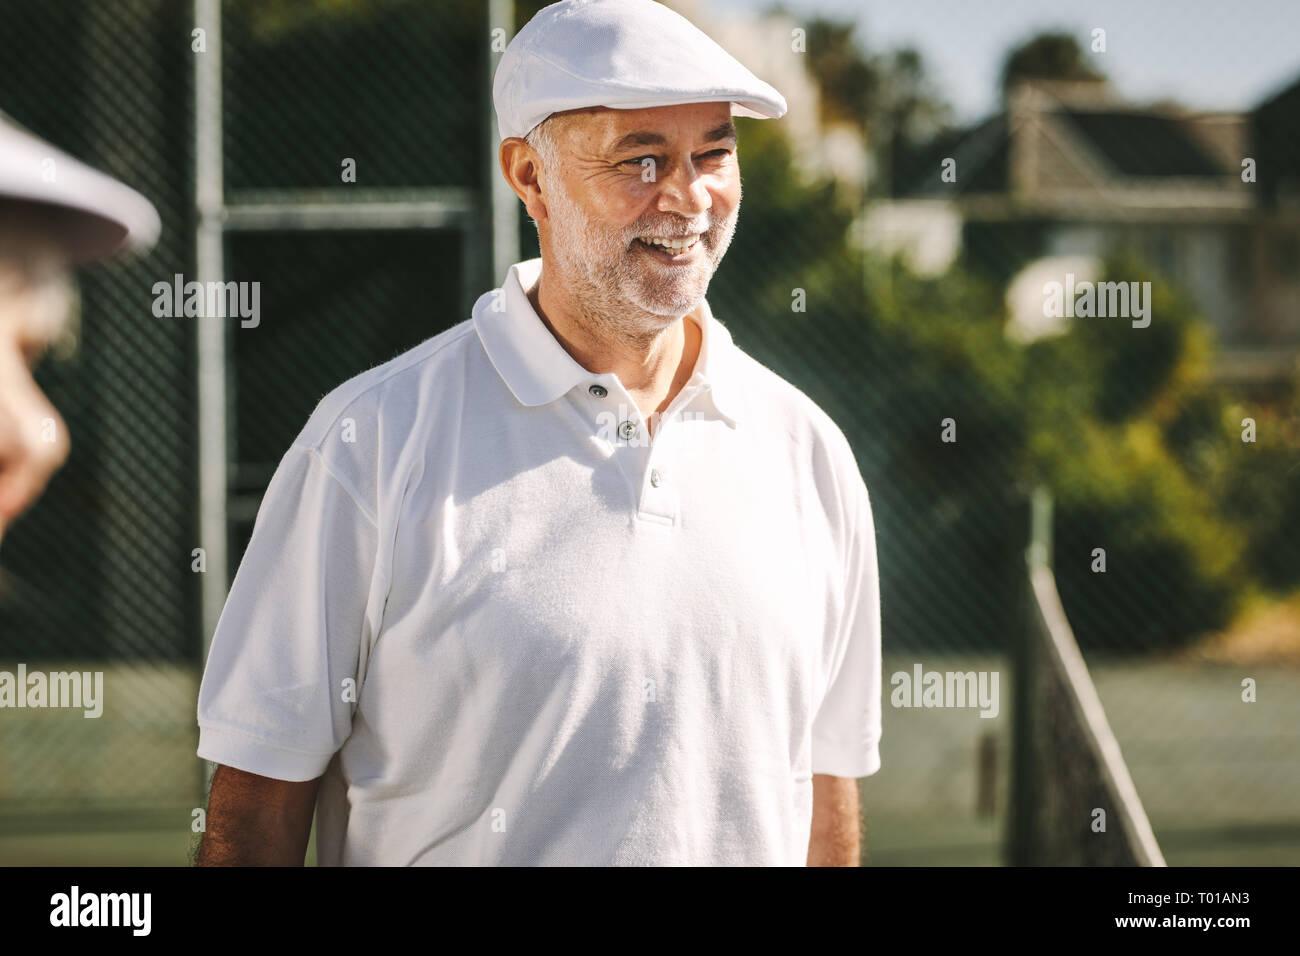 Senior alegre hombre de pie sobre una pista de tenis en un día soleado. Hombre sonriente en blanco camiseta de tenis y tapa de pie afuera. Foto de stock